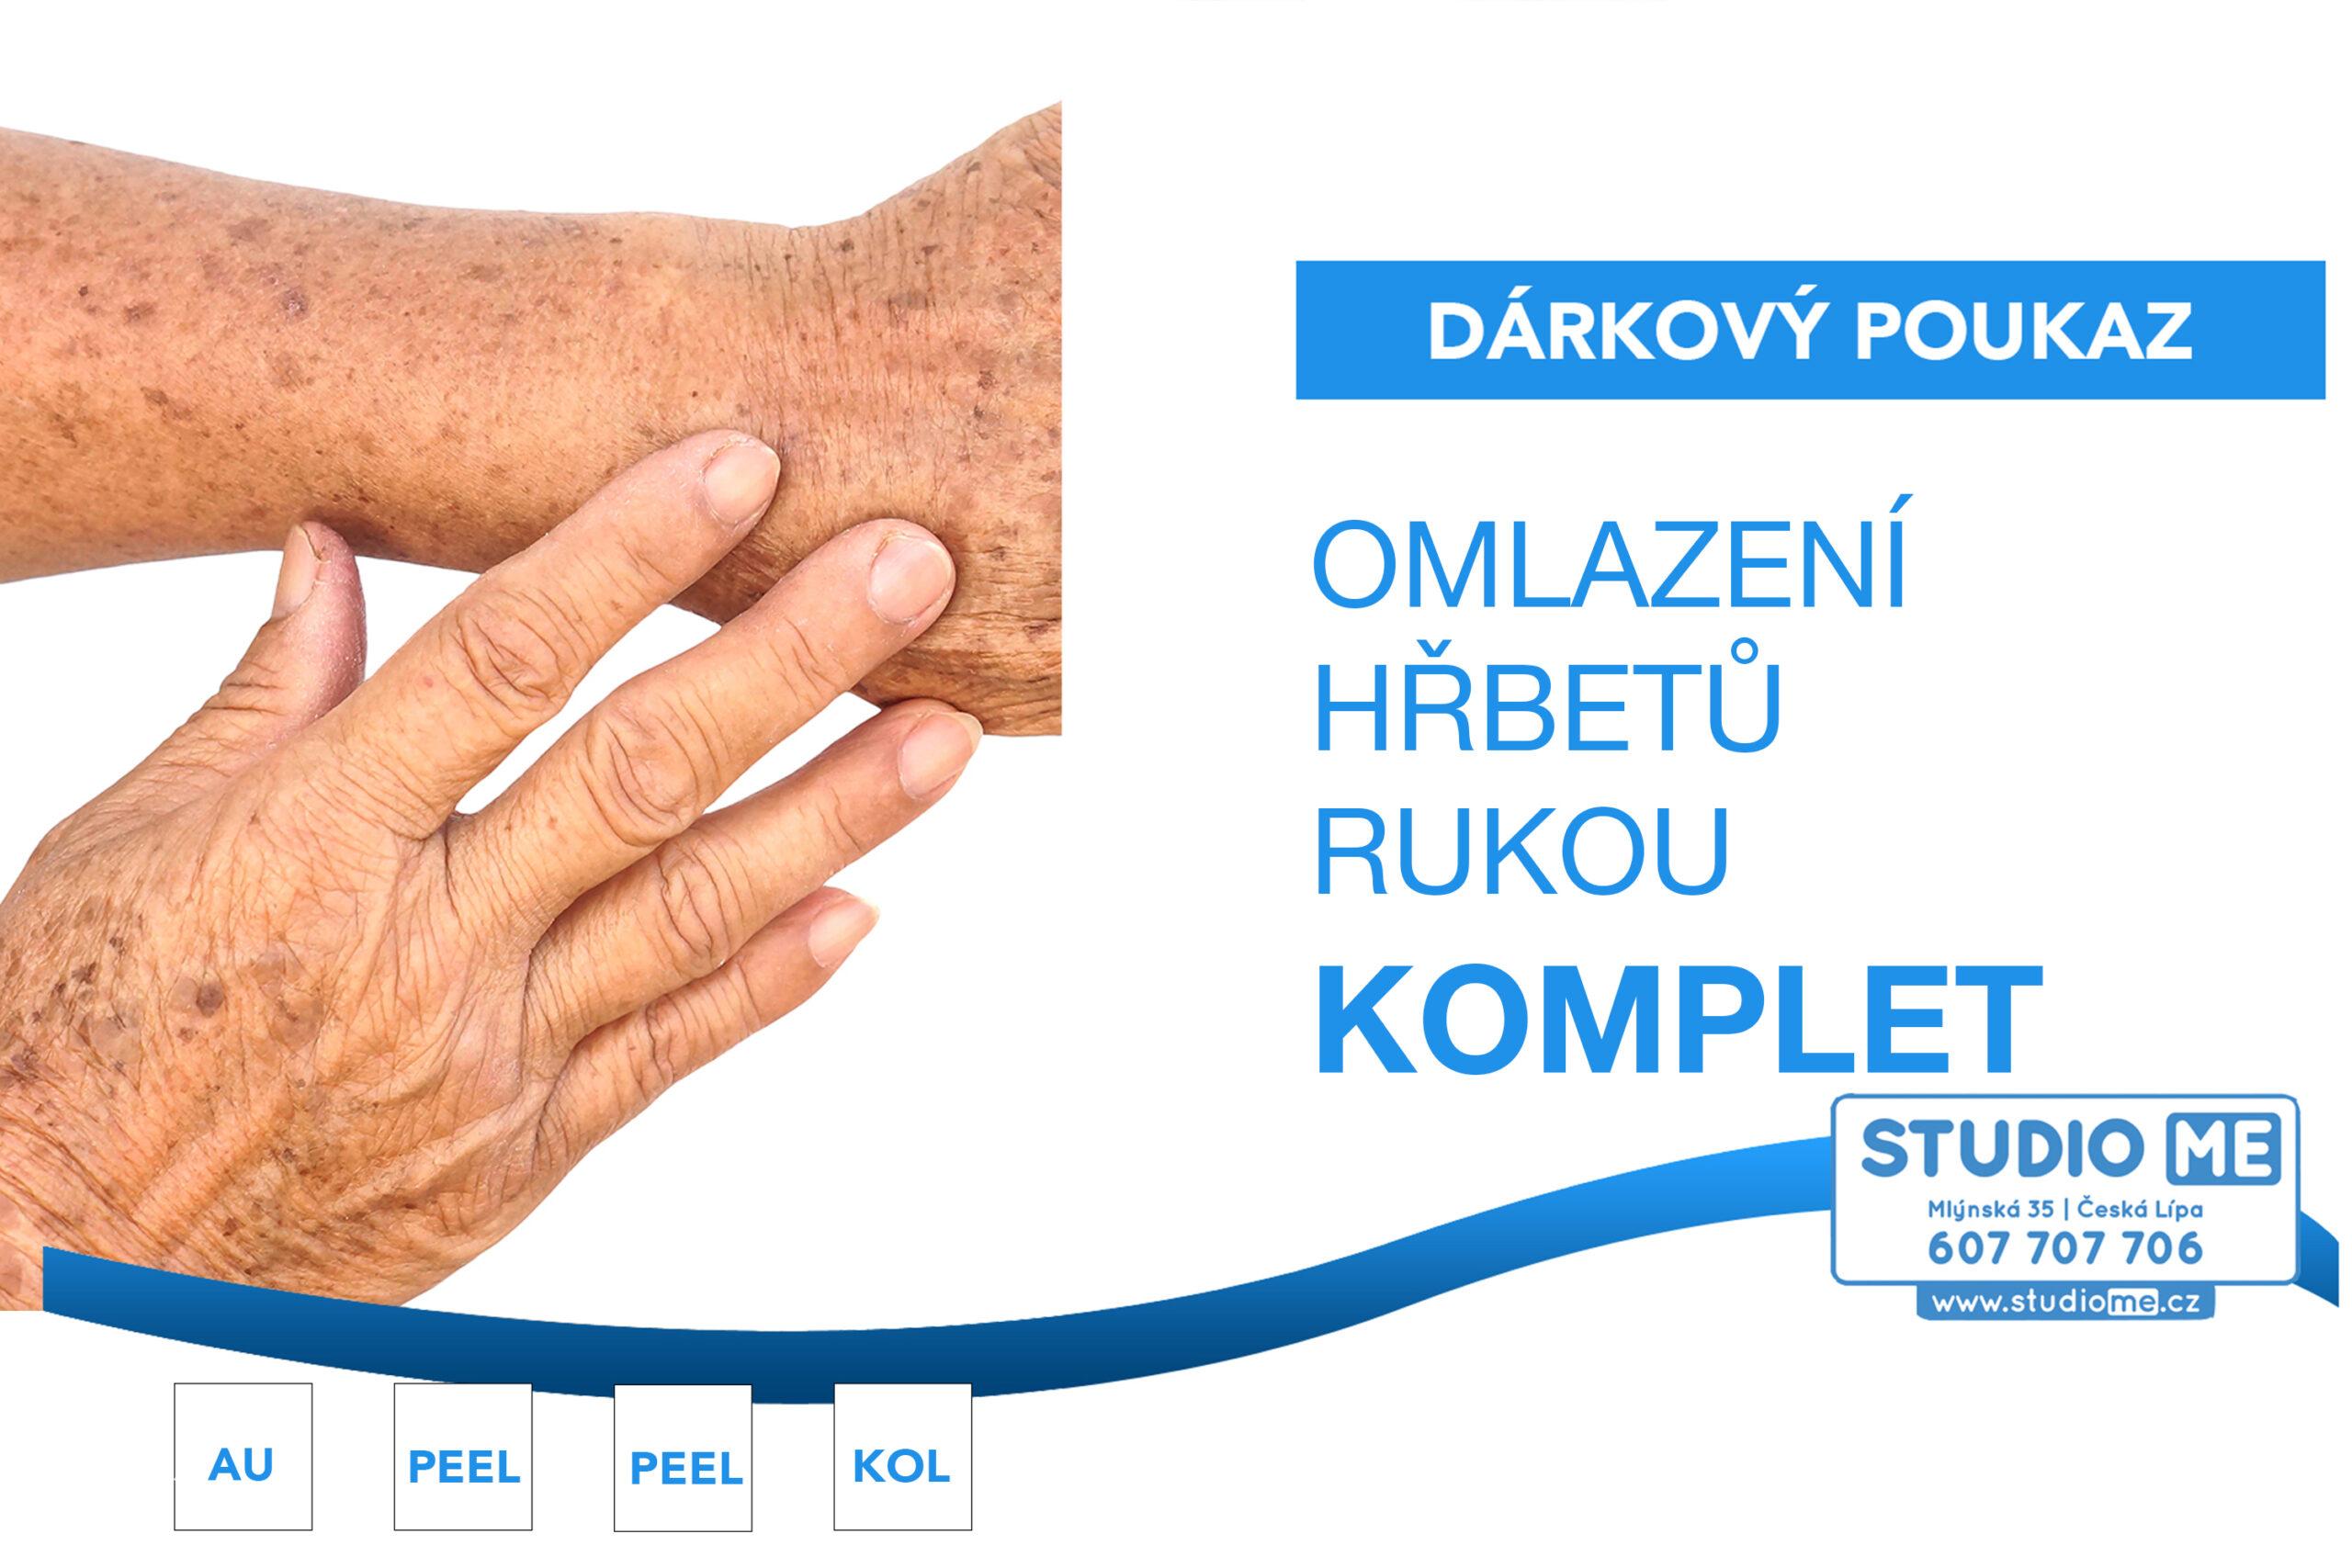 Omlazení rukou